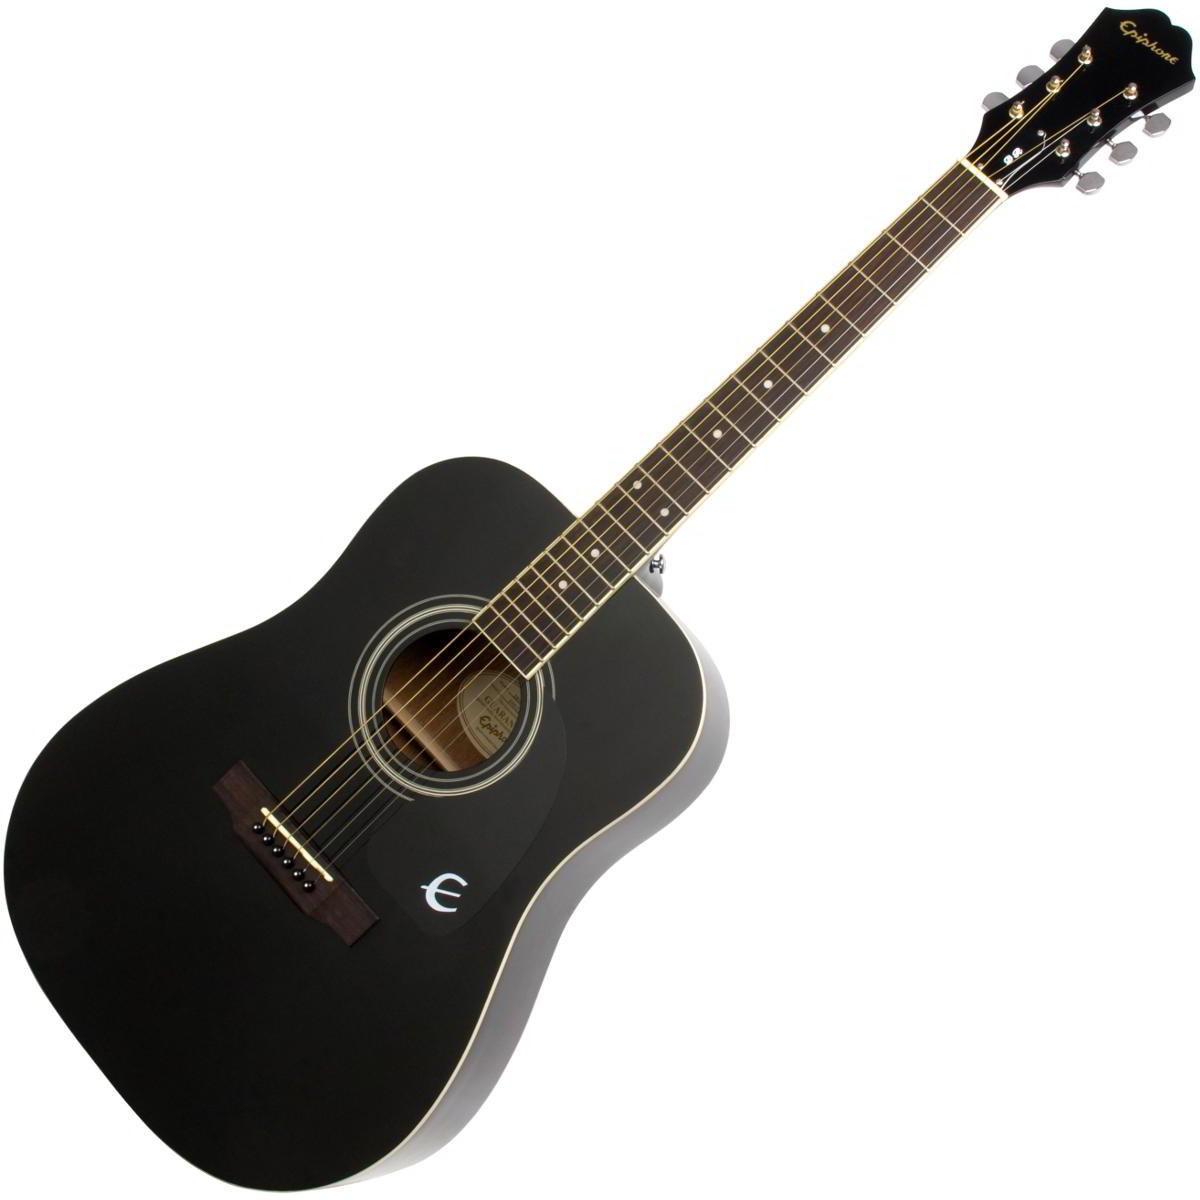 Gambar Gitar Akustik Epiphone DR-100